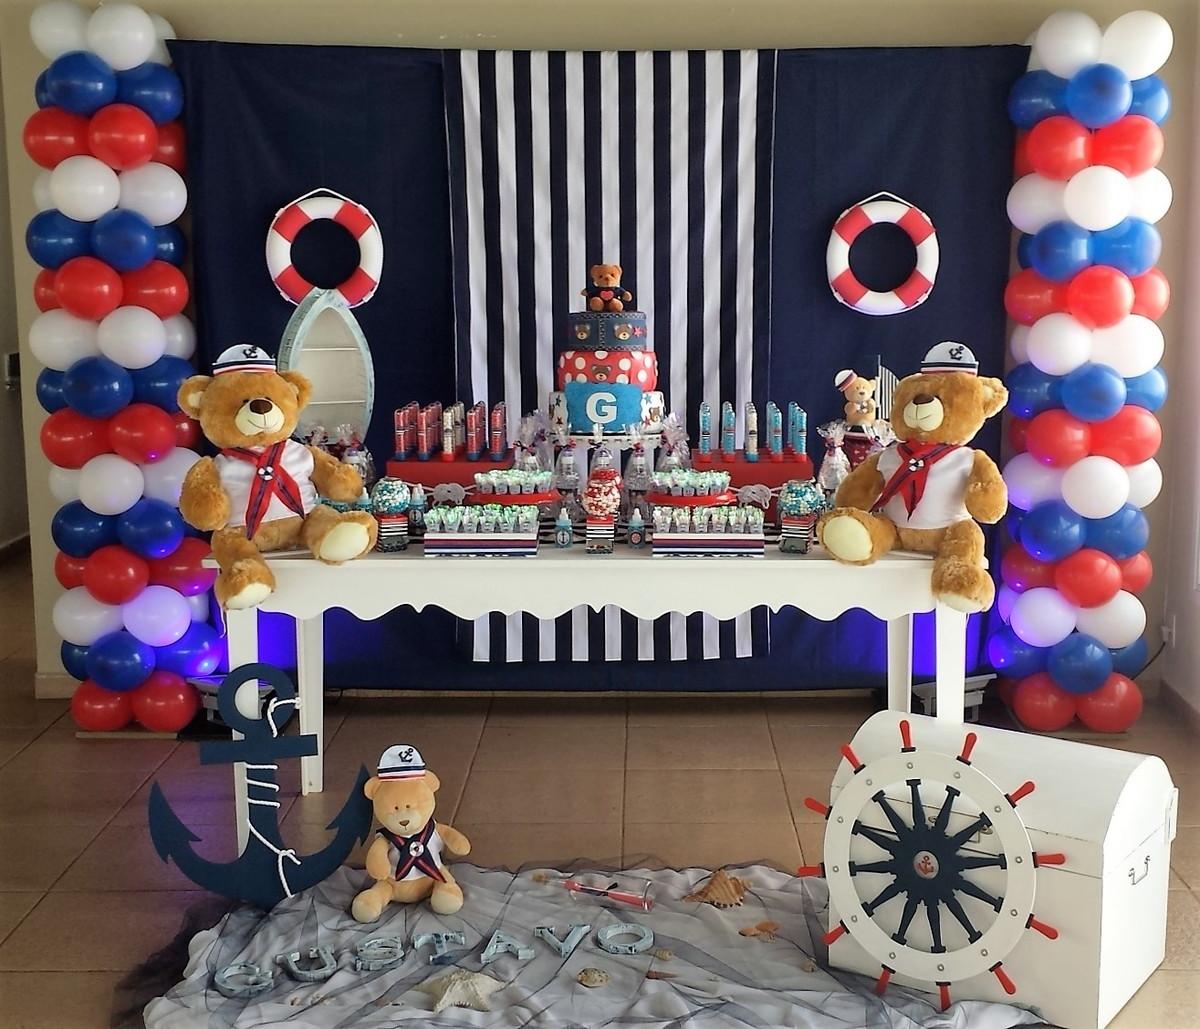 Chá de Beb u00ea Urso Marinheiro no Elo7 Sonho Meu Decoraç u00e3o de Festas e Eventos (6E38A1) -> Decoração Cha De Bebe Tema Urso